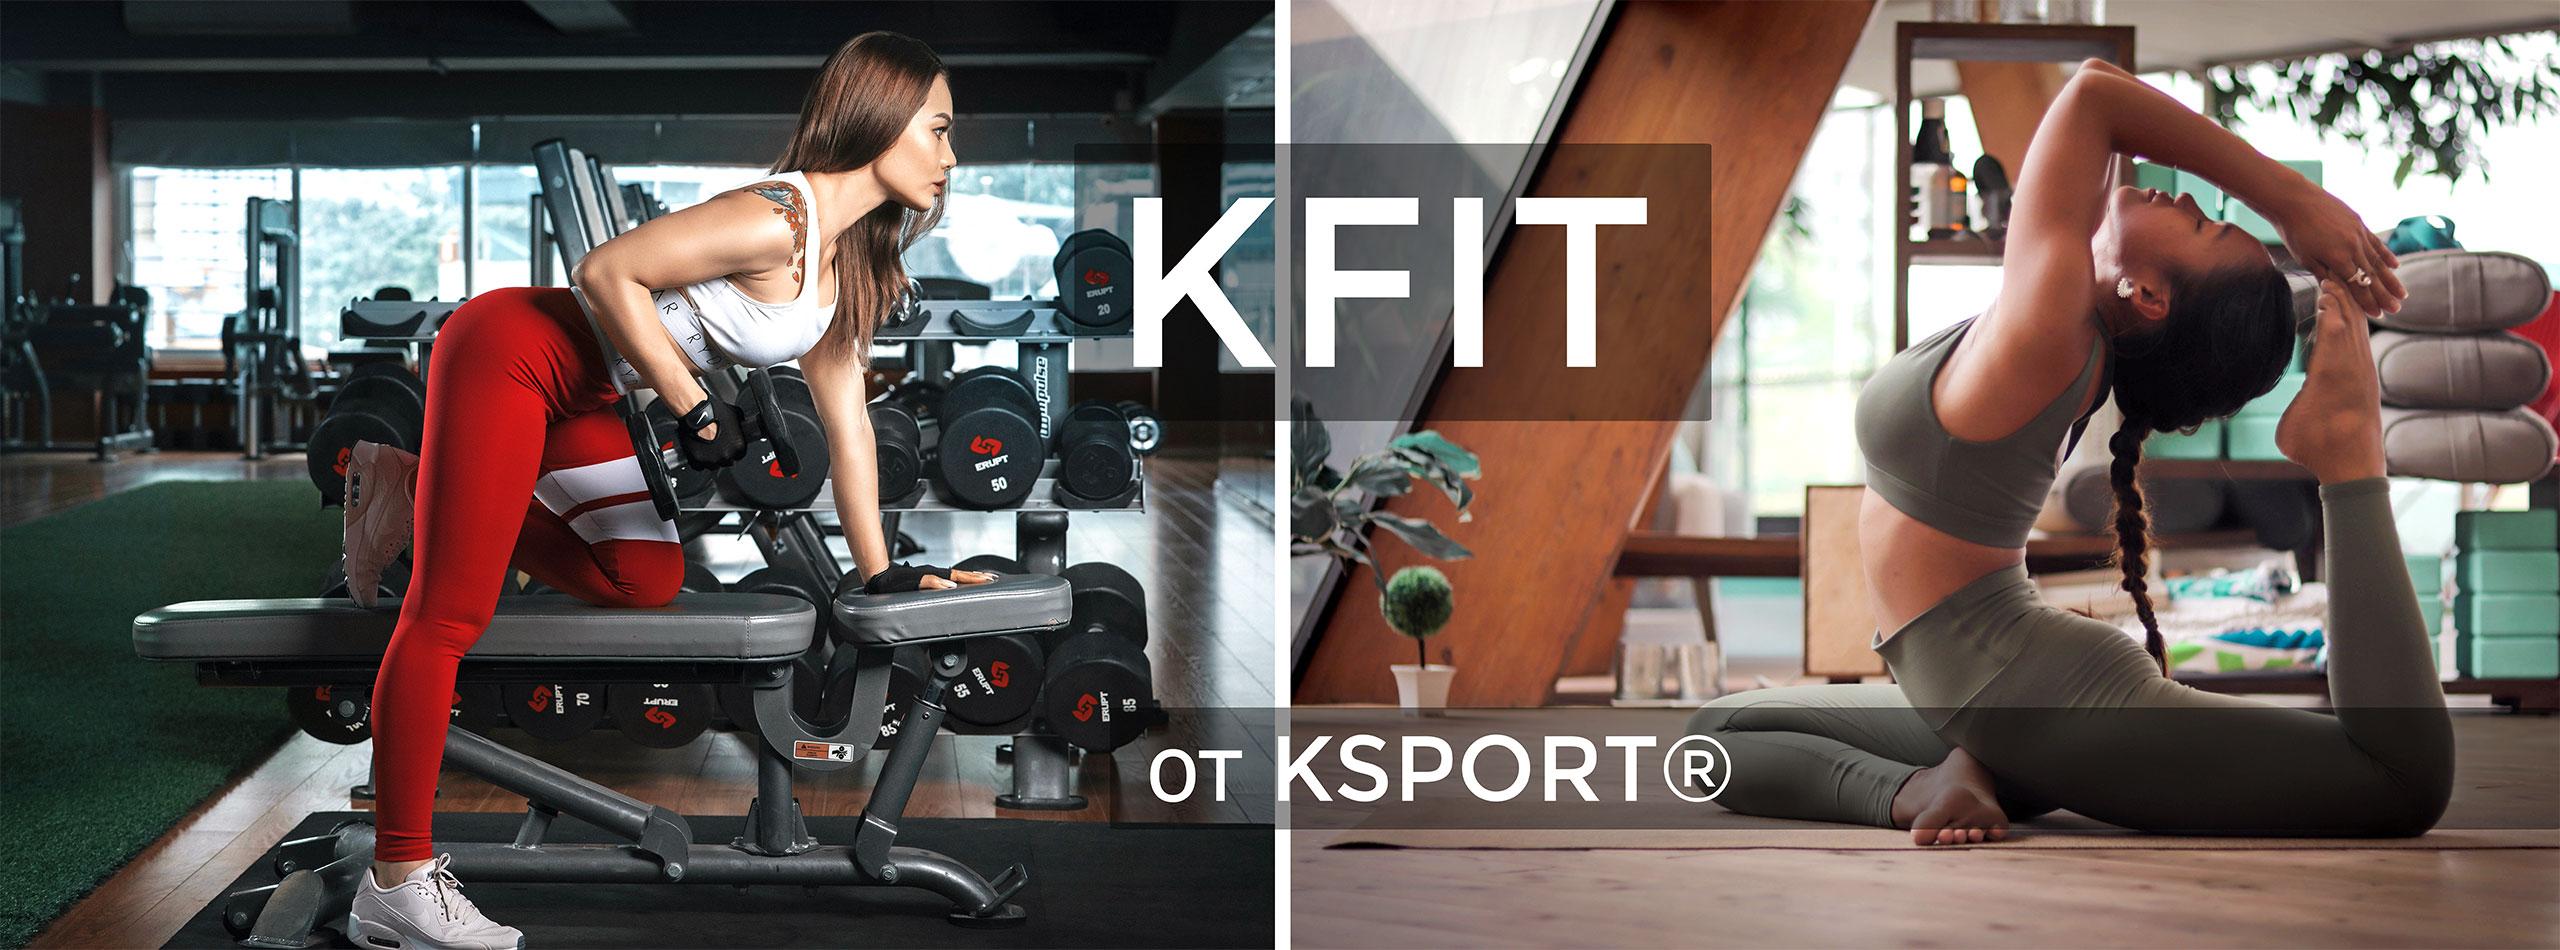 серия спортни облекла KFIT на маркта KSPORT